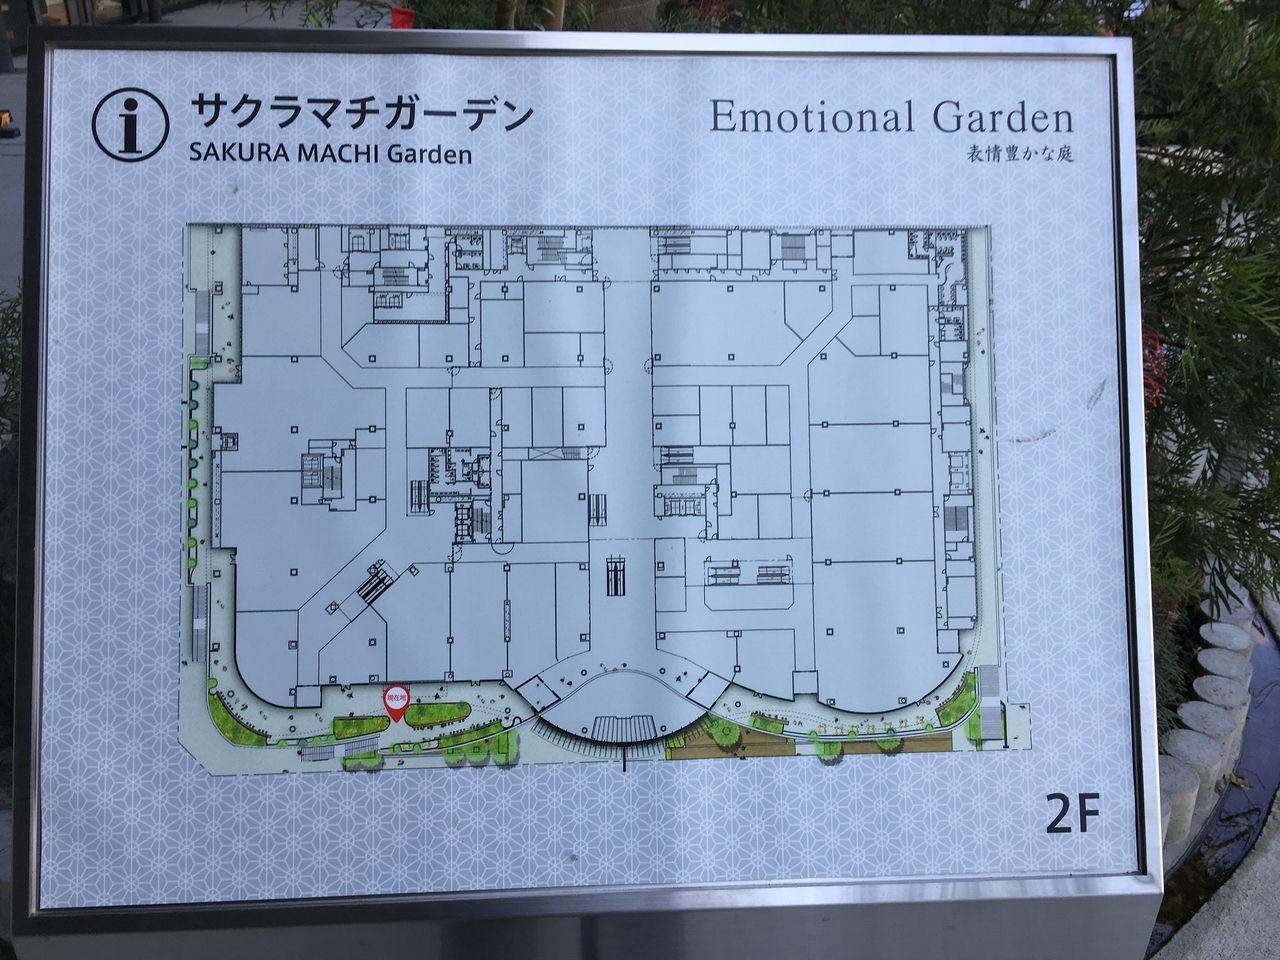 サクラマチガーデンの案内板 2F Emotional Garden